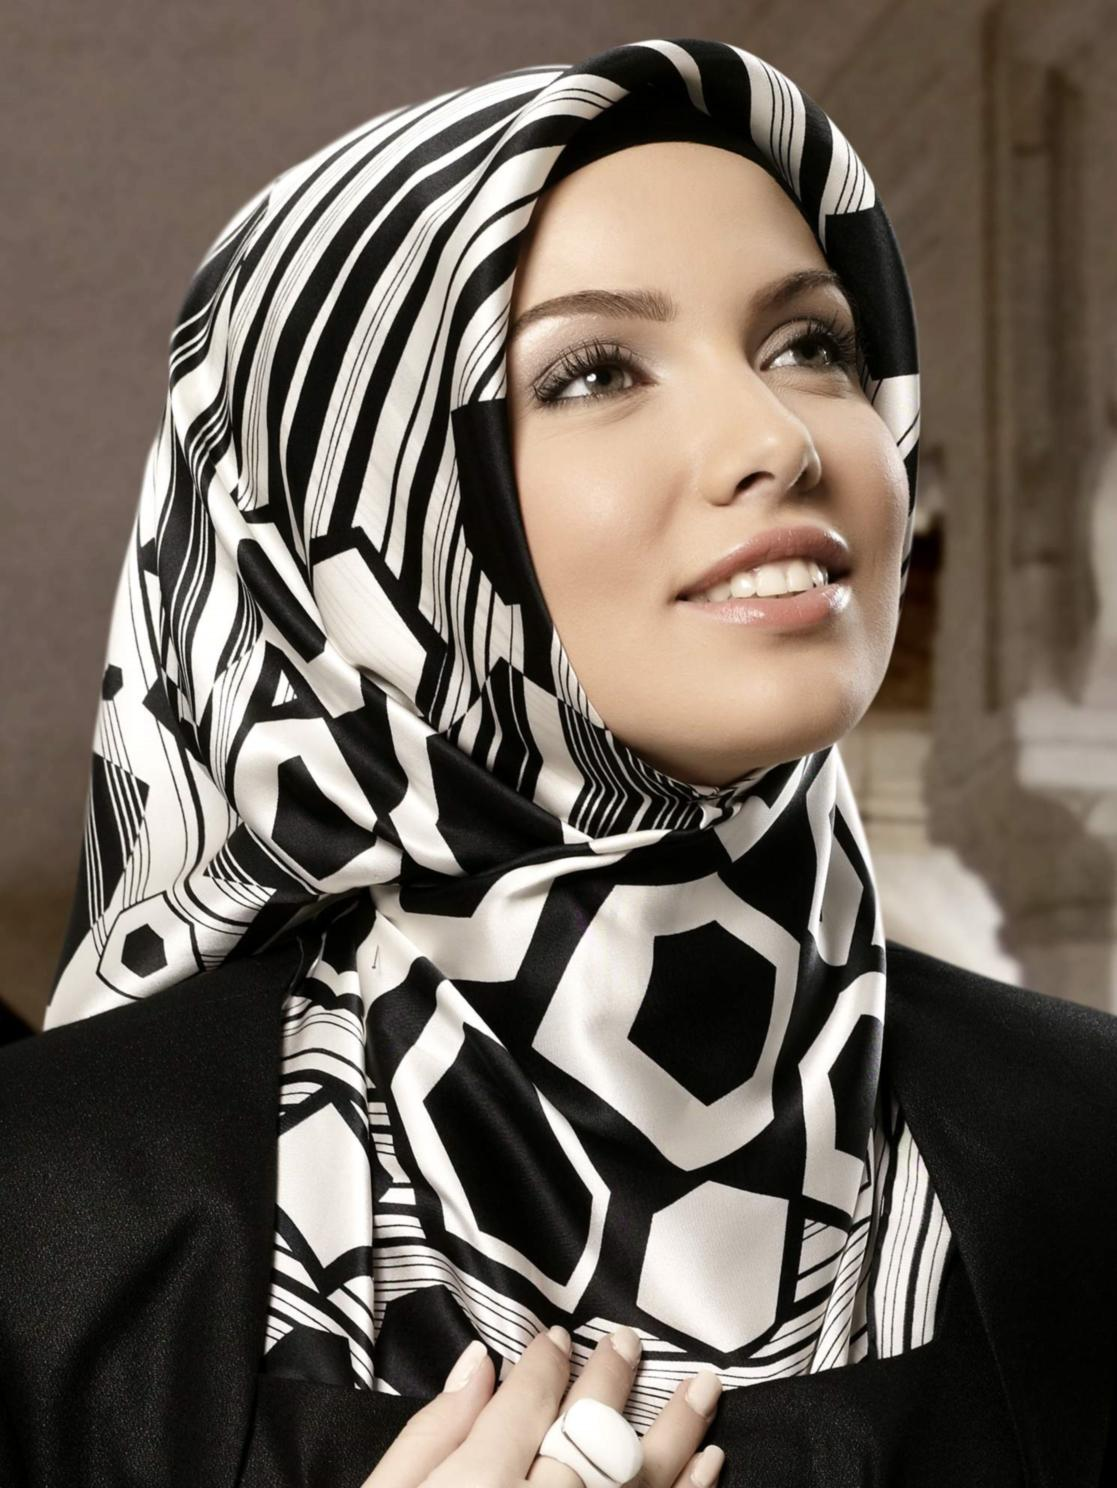 فیلم آموزش بستن روسری سایز بزرگ نویسنده : admin